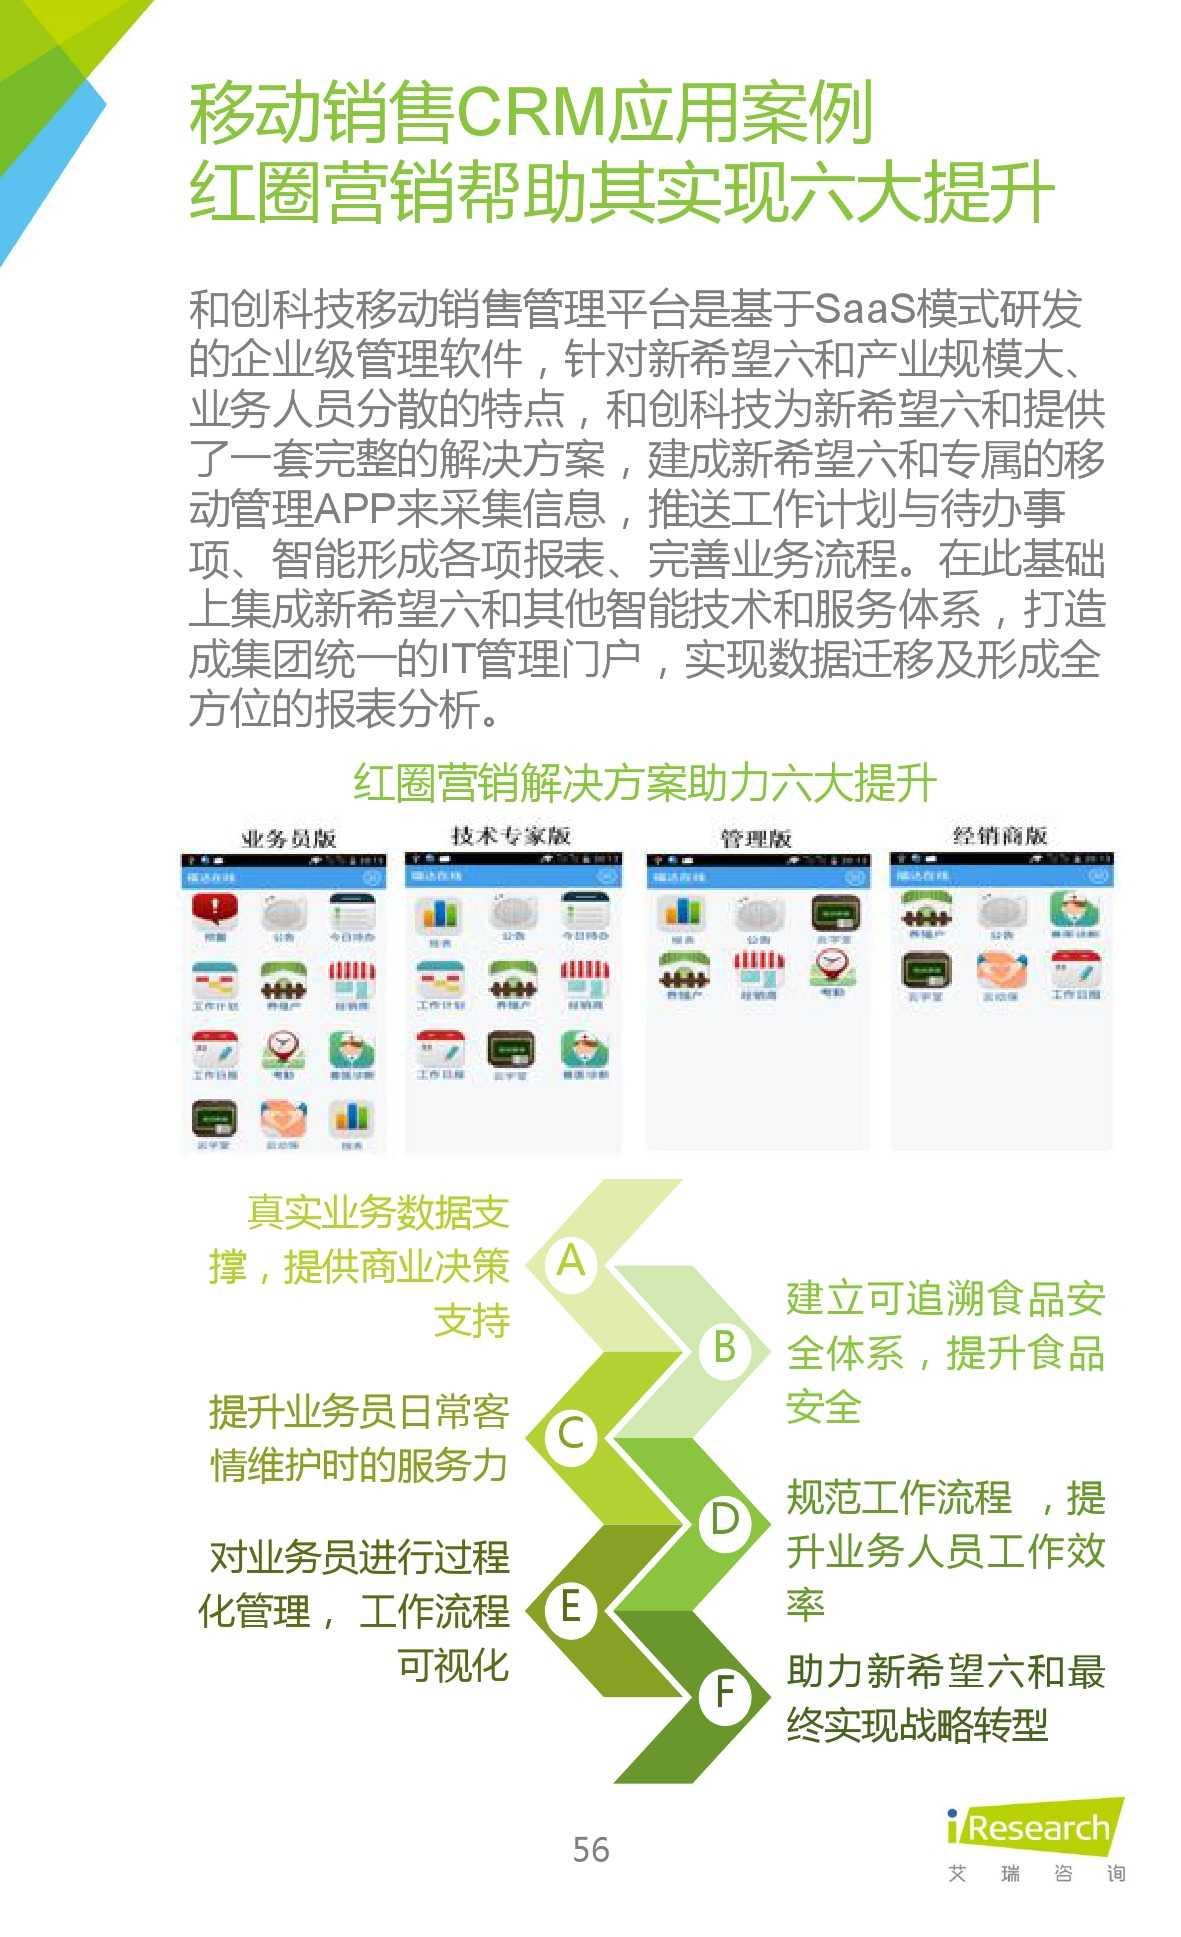 2015年中国移动销售CRM行业研究报告_000056